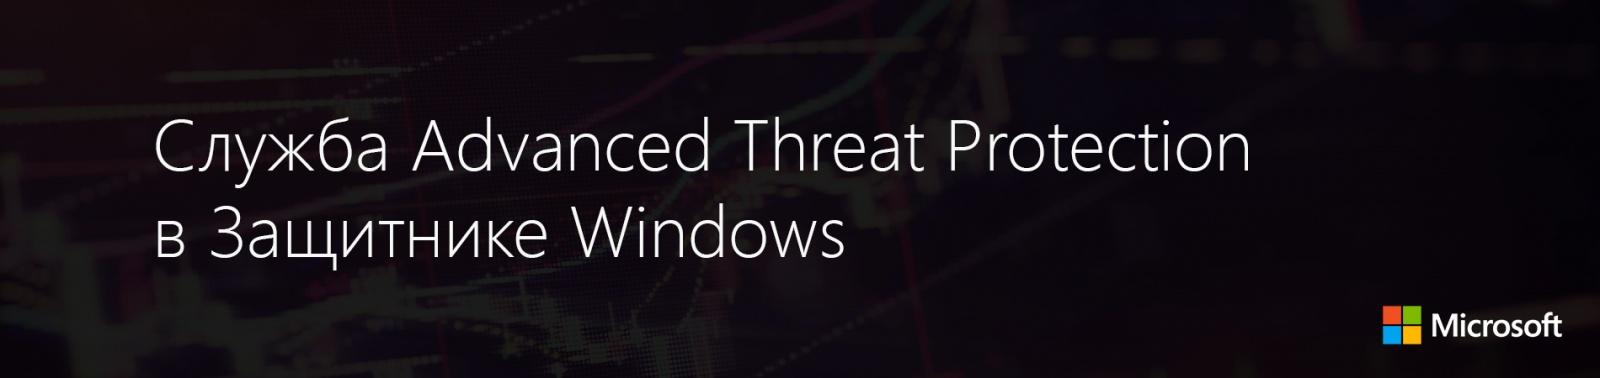 Служба Advanced Threat Protection в Защитнике Windows - 1